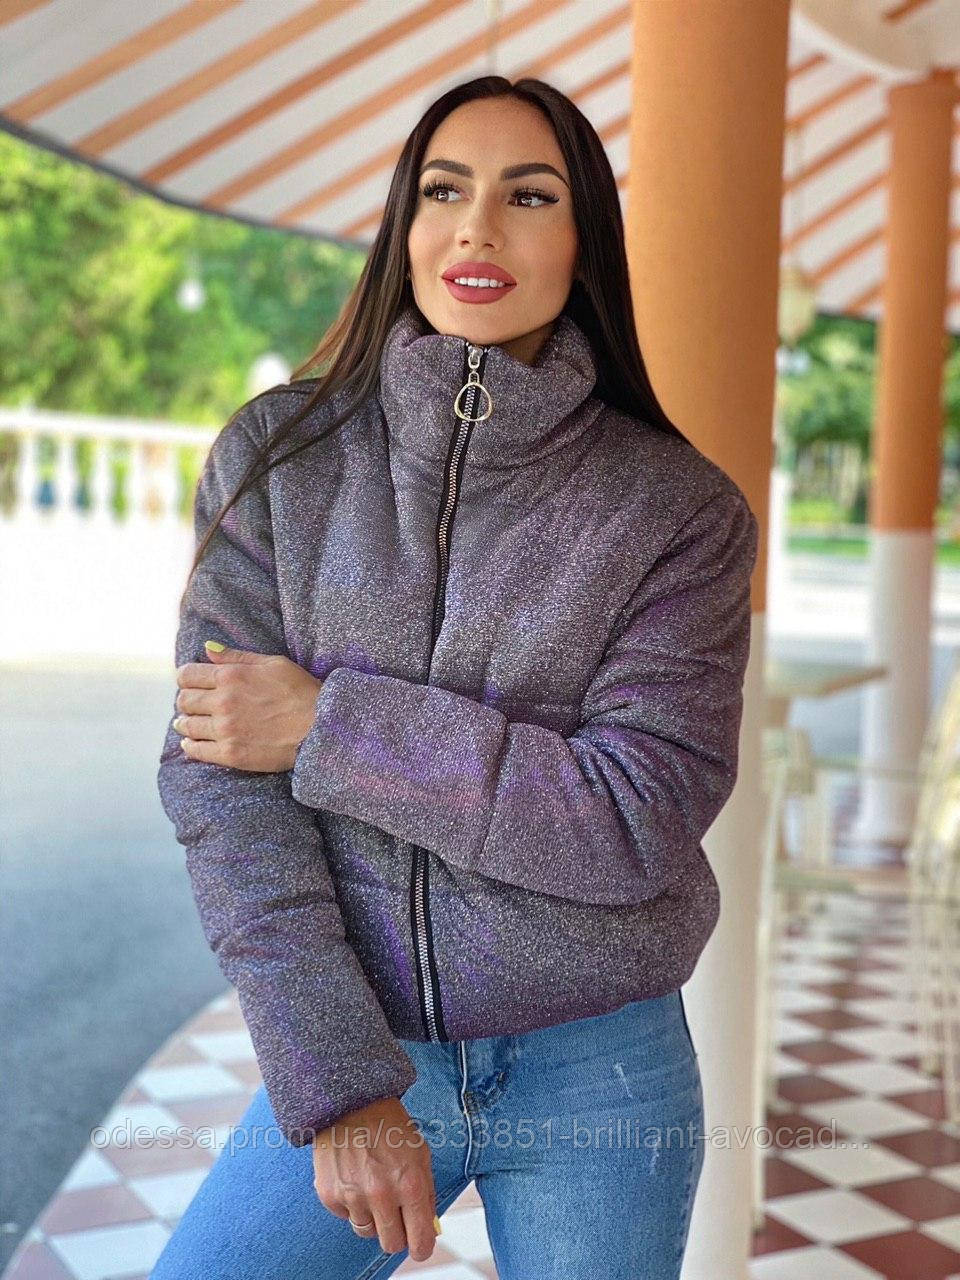 Женская модная короткая блестящая люрексная куртка